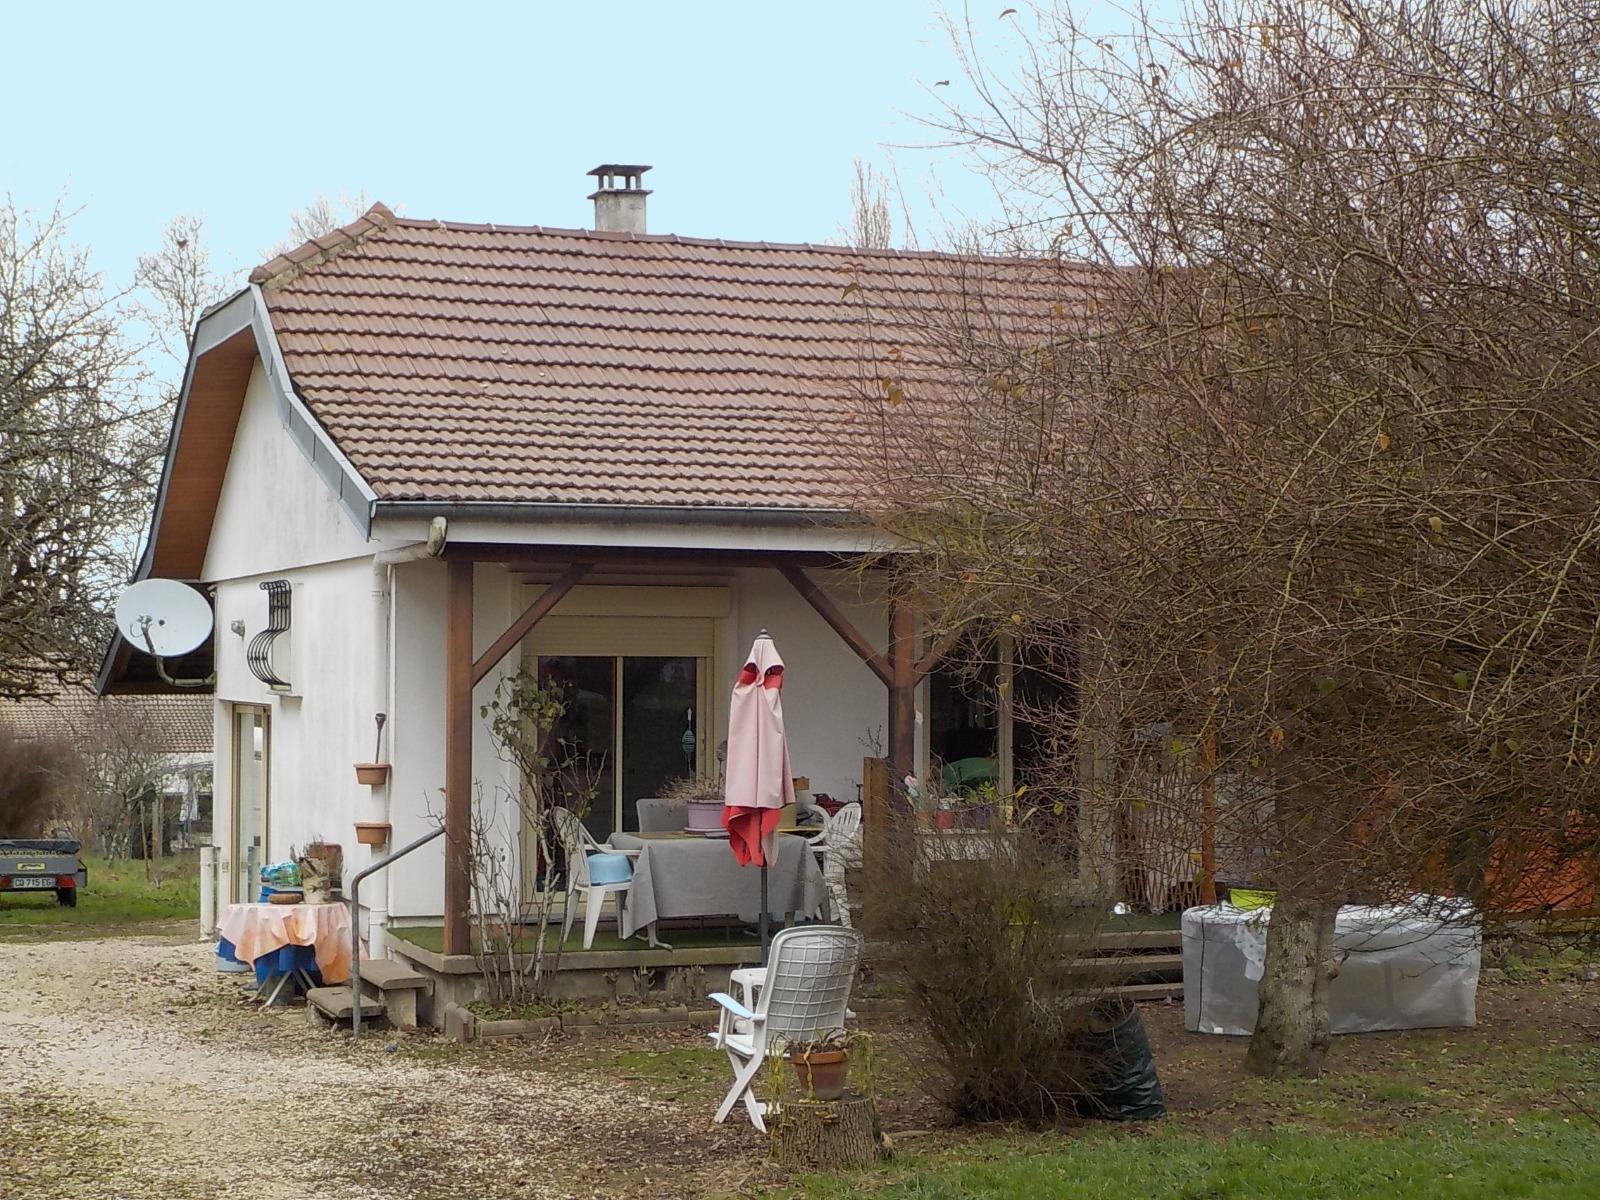 Achat Maison Seurre 21250 Proche Verdun Sur Le Doubs 3 Pieces Dont 2 Chambre S Agence Des 3 Rivieres